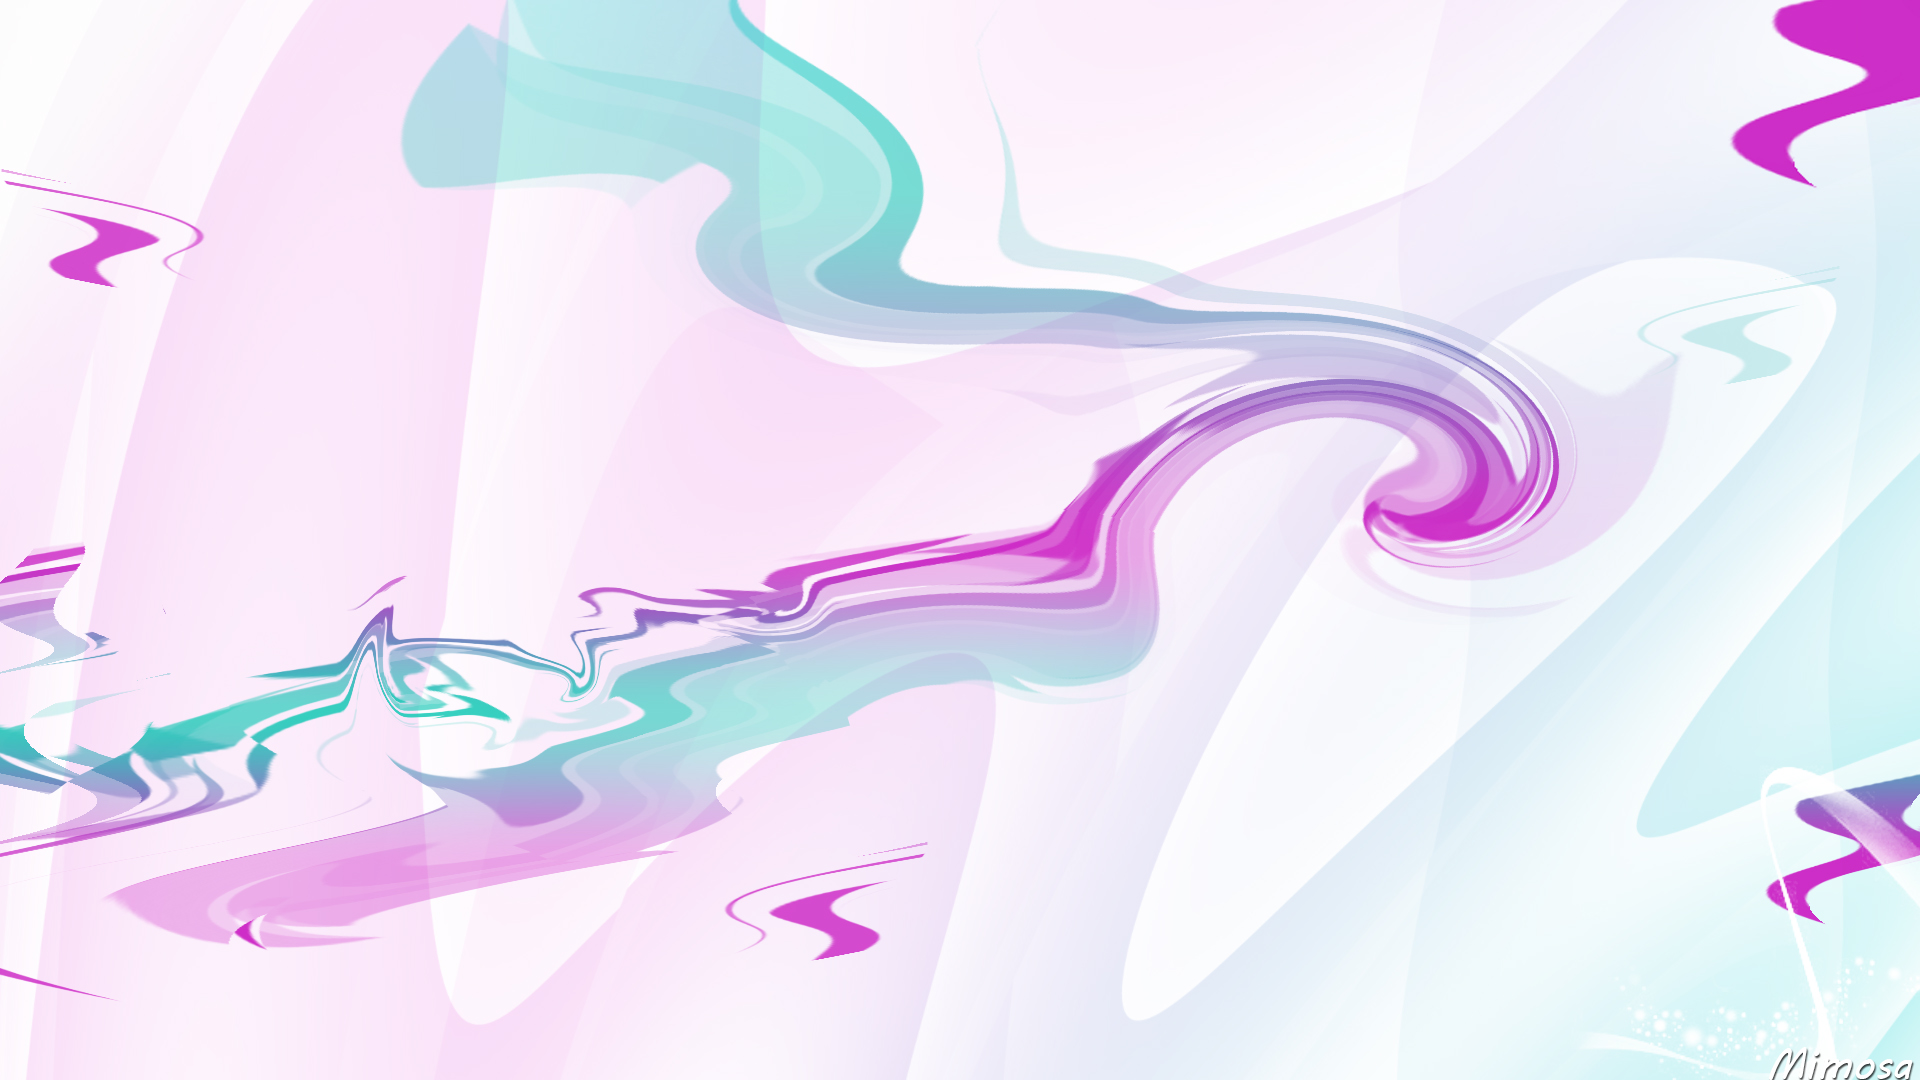 Artistic Colors Digital Art Gradient 1920x1080